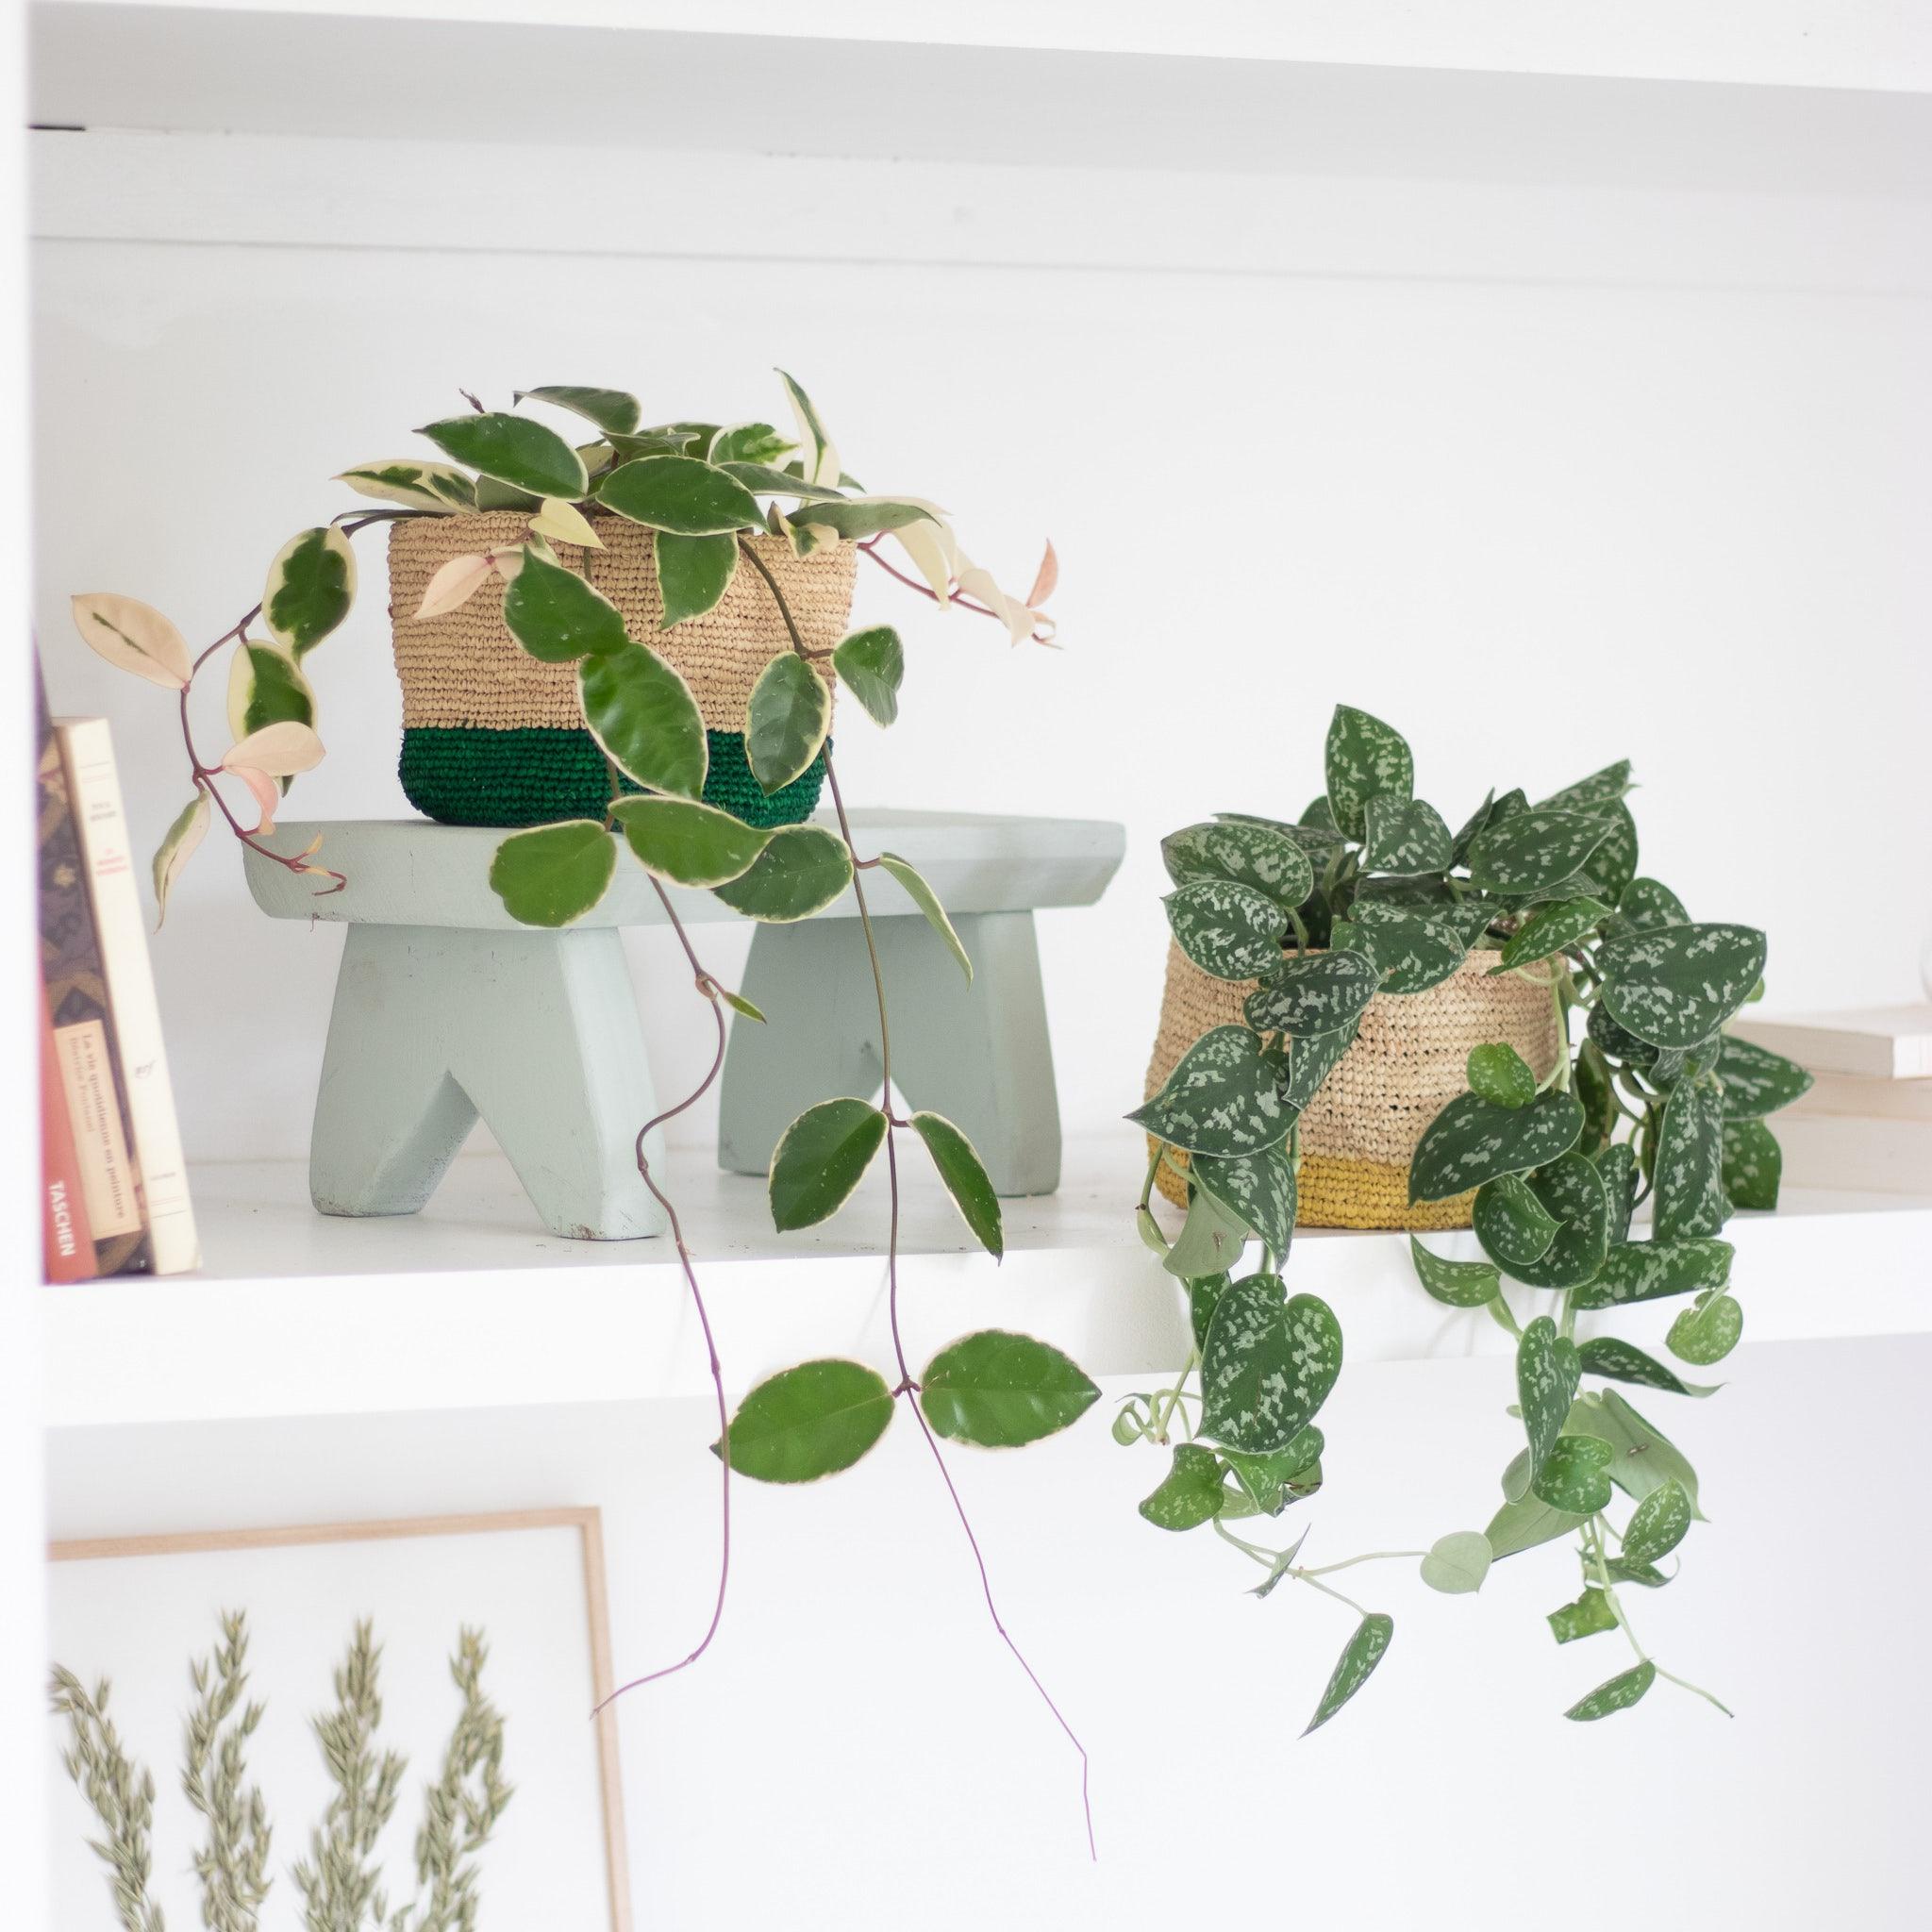 Plantes vertes plantes d'intérieur plantes suspendues décoration bergamotte